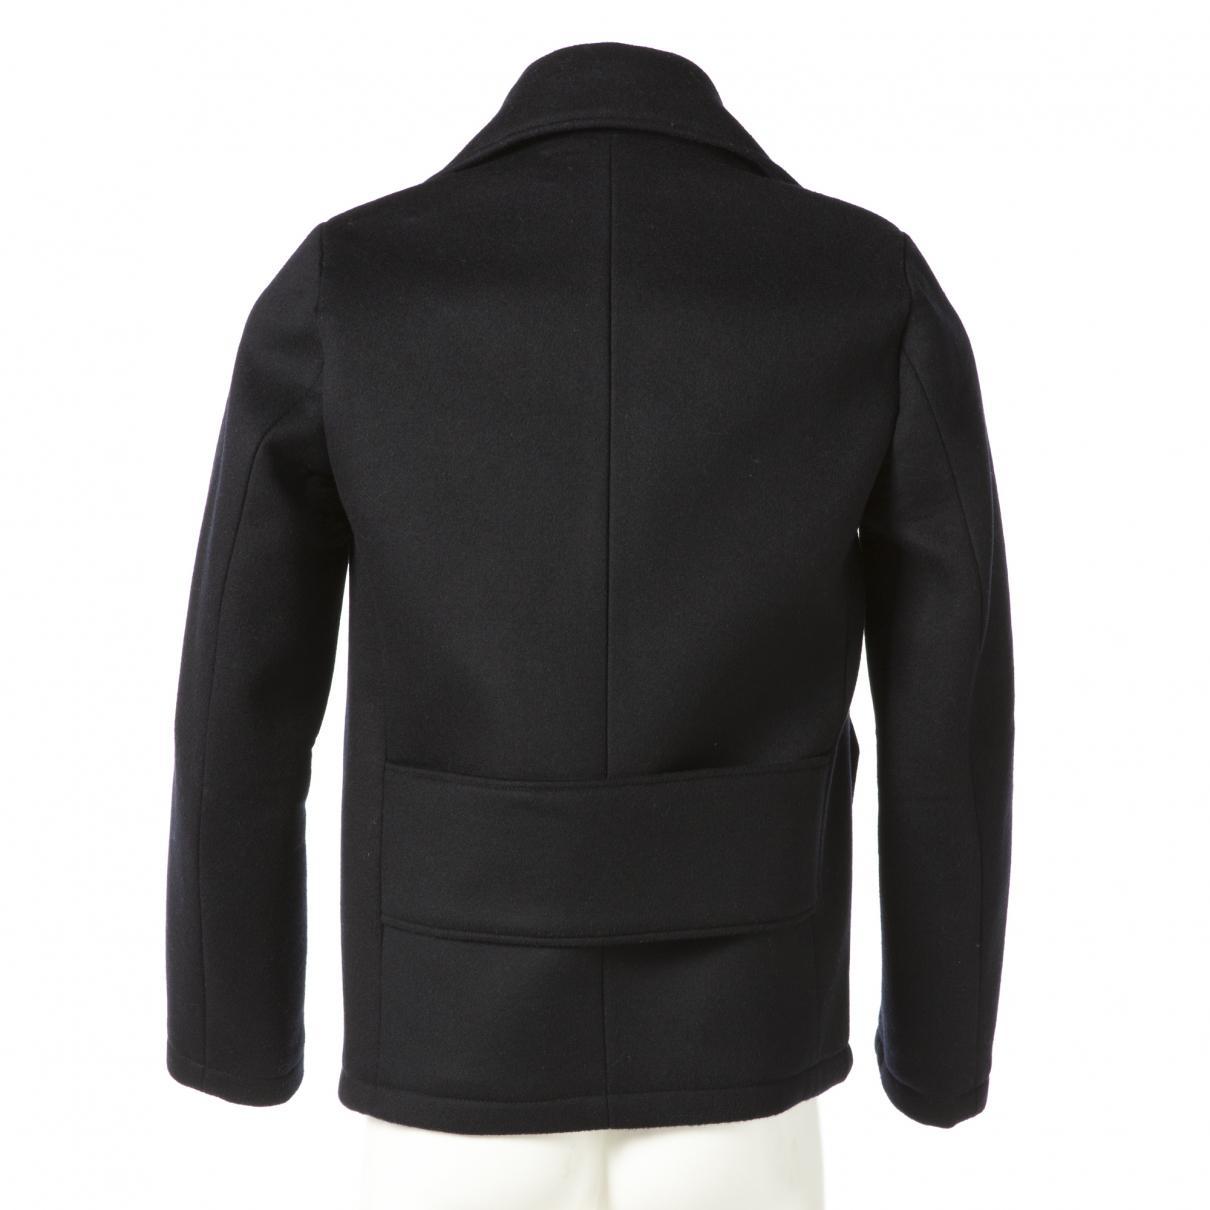 Manteau en laine Synthétique Acne Studios pour homme en coloris Noir T3buD